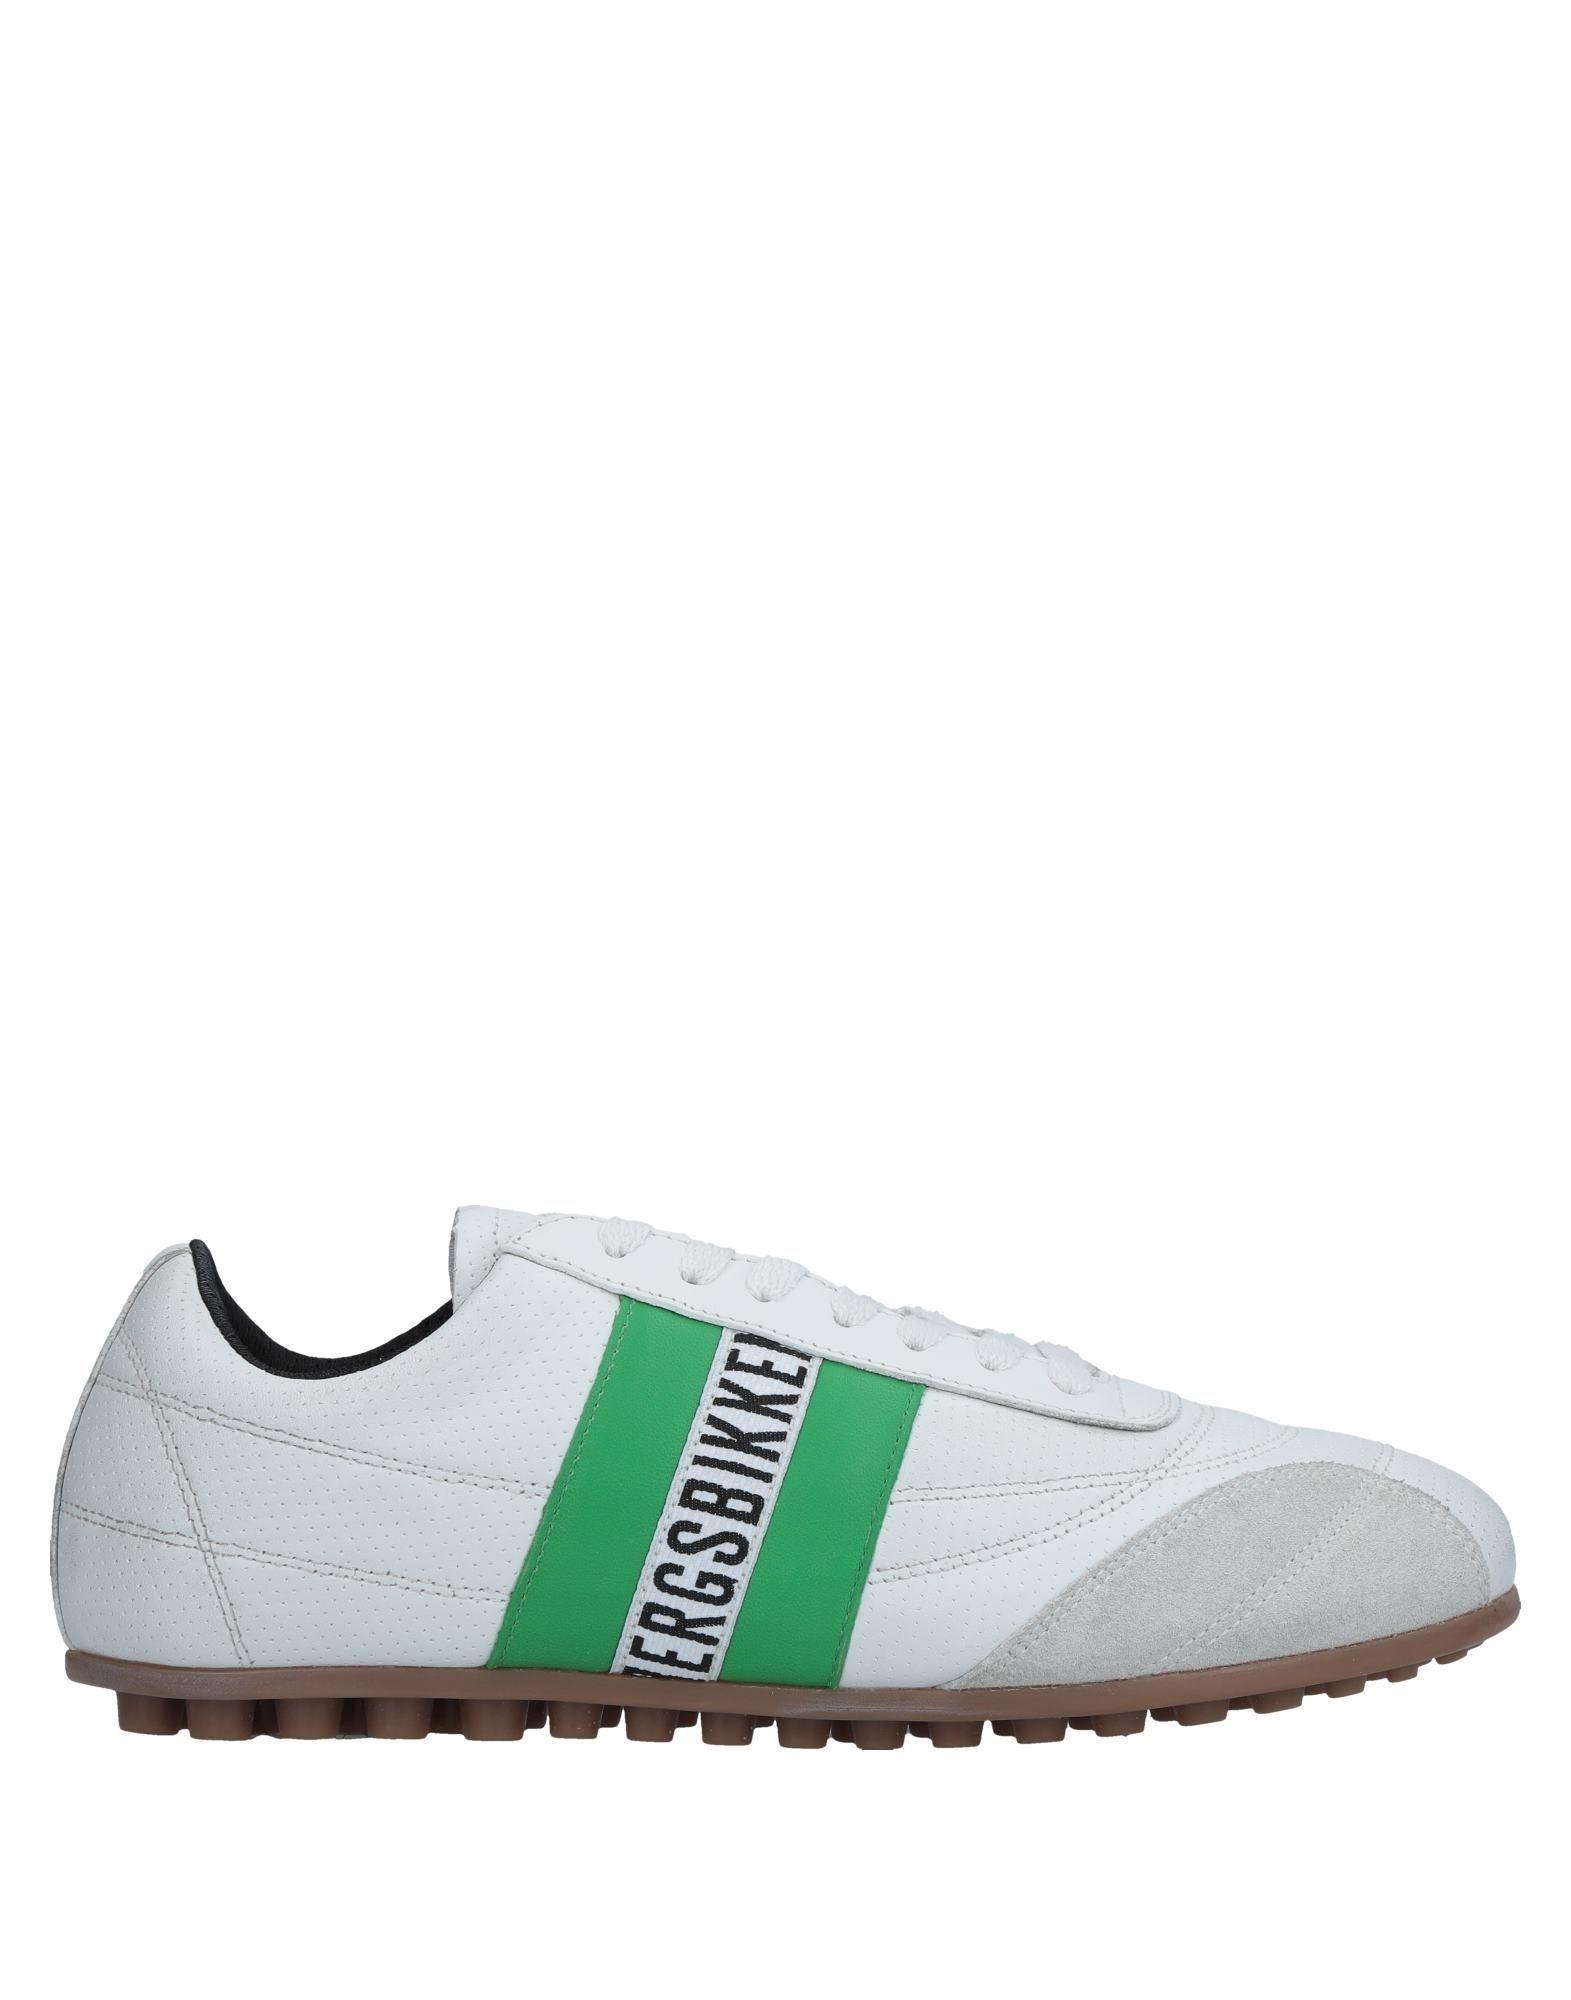 Bikkembergs Sneakers Herren  11521075OE Gute Qualität beliebte Schuhe